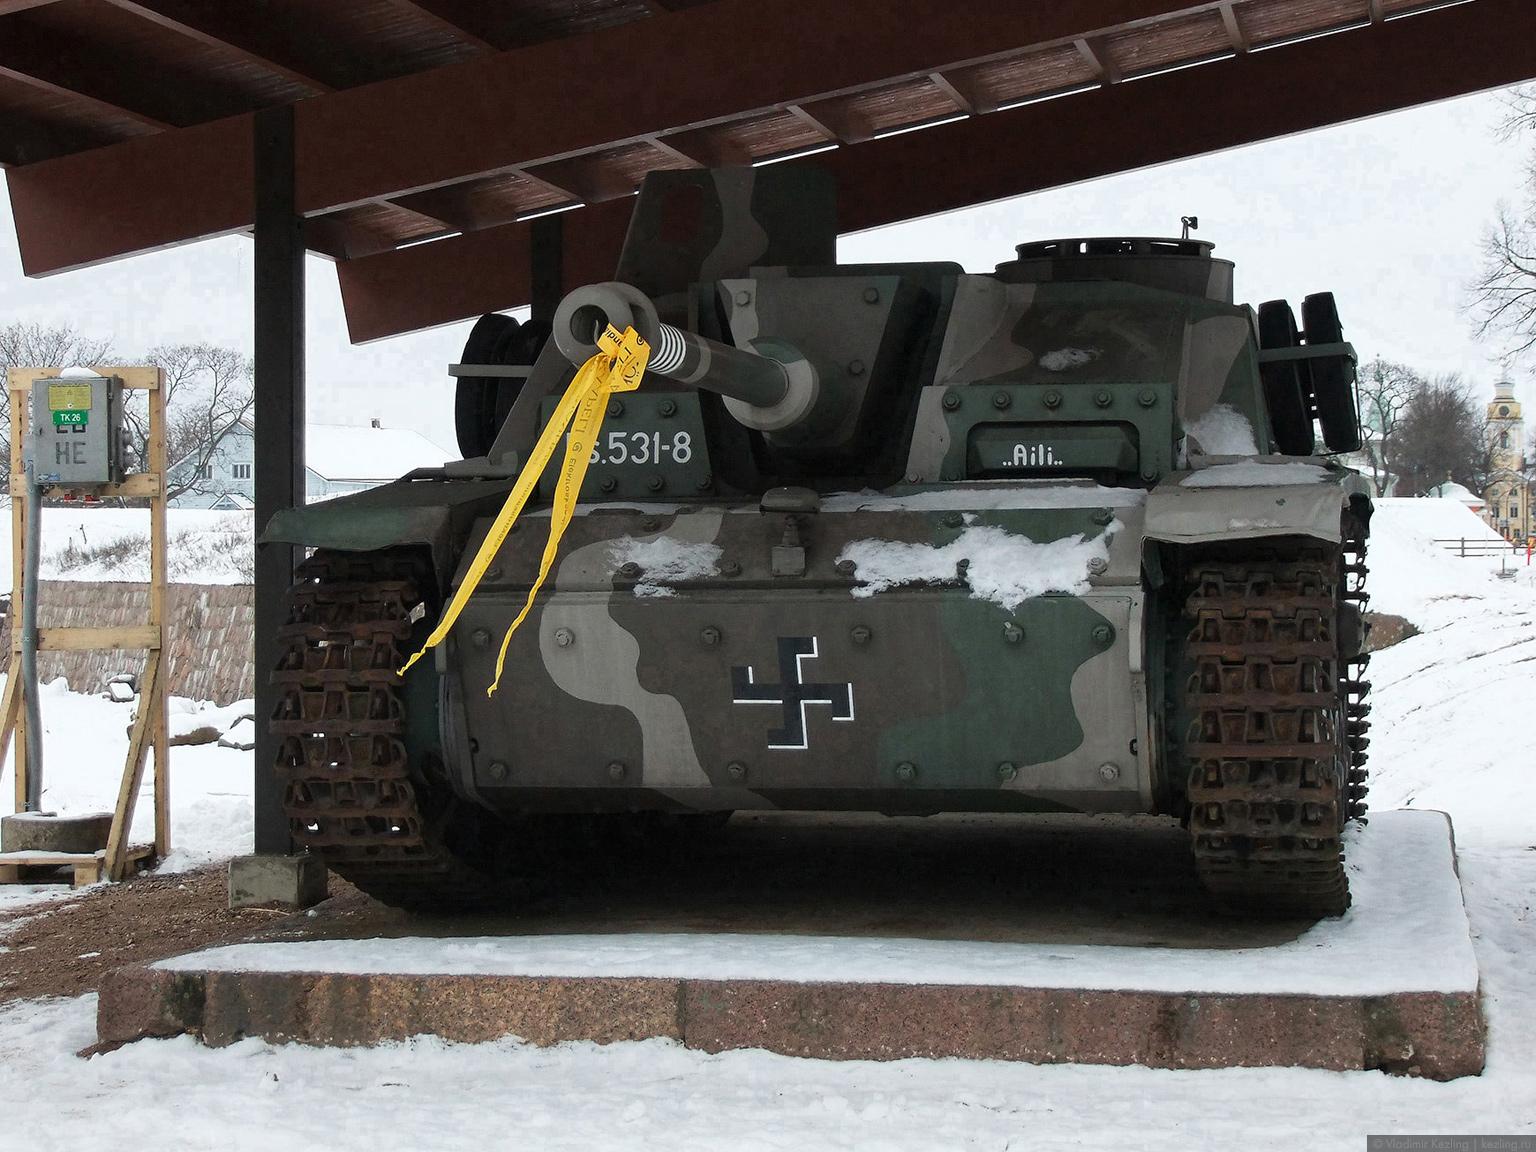 Sturmgeschutz III Ausf A-E